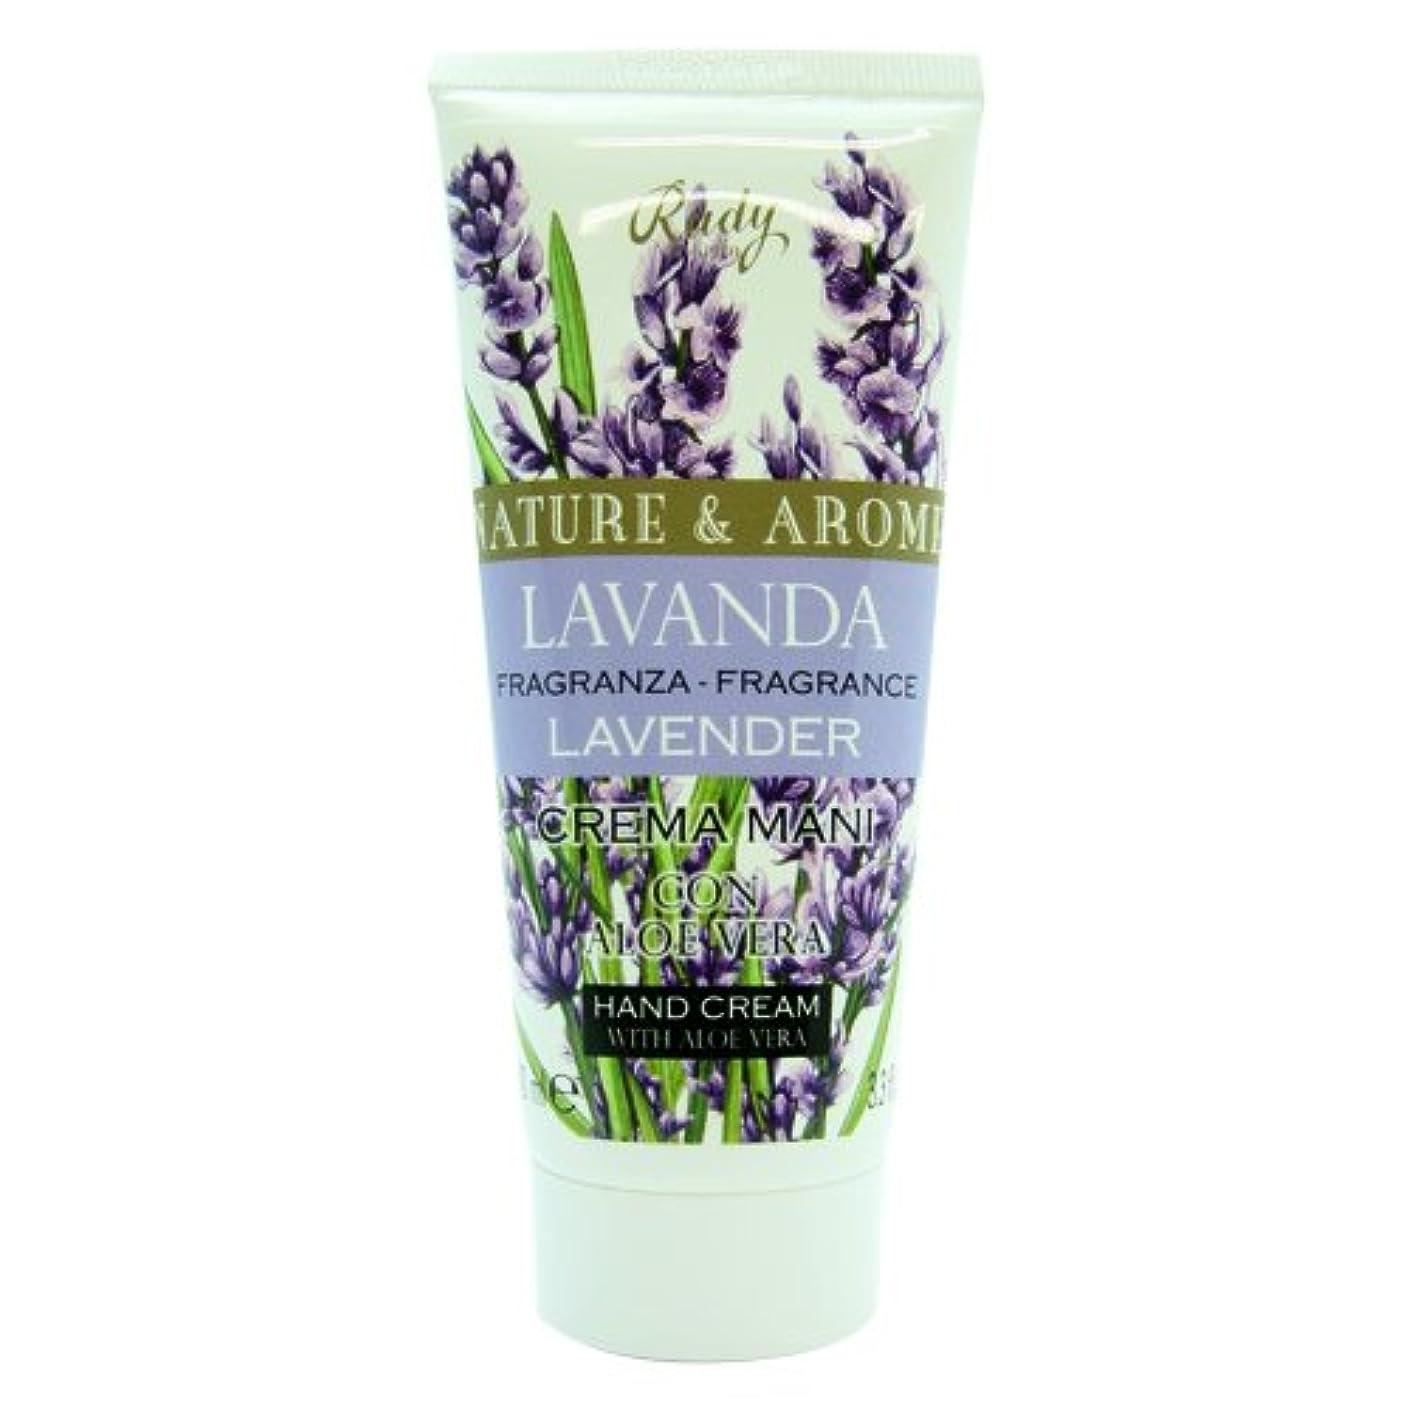 毎週打ち上げるなんでもRUDY Nature&Arome SERIES ルディ ナチュール&アロマ Hand Cream ハンドクリーム  Lavender ラベンダー